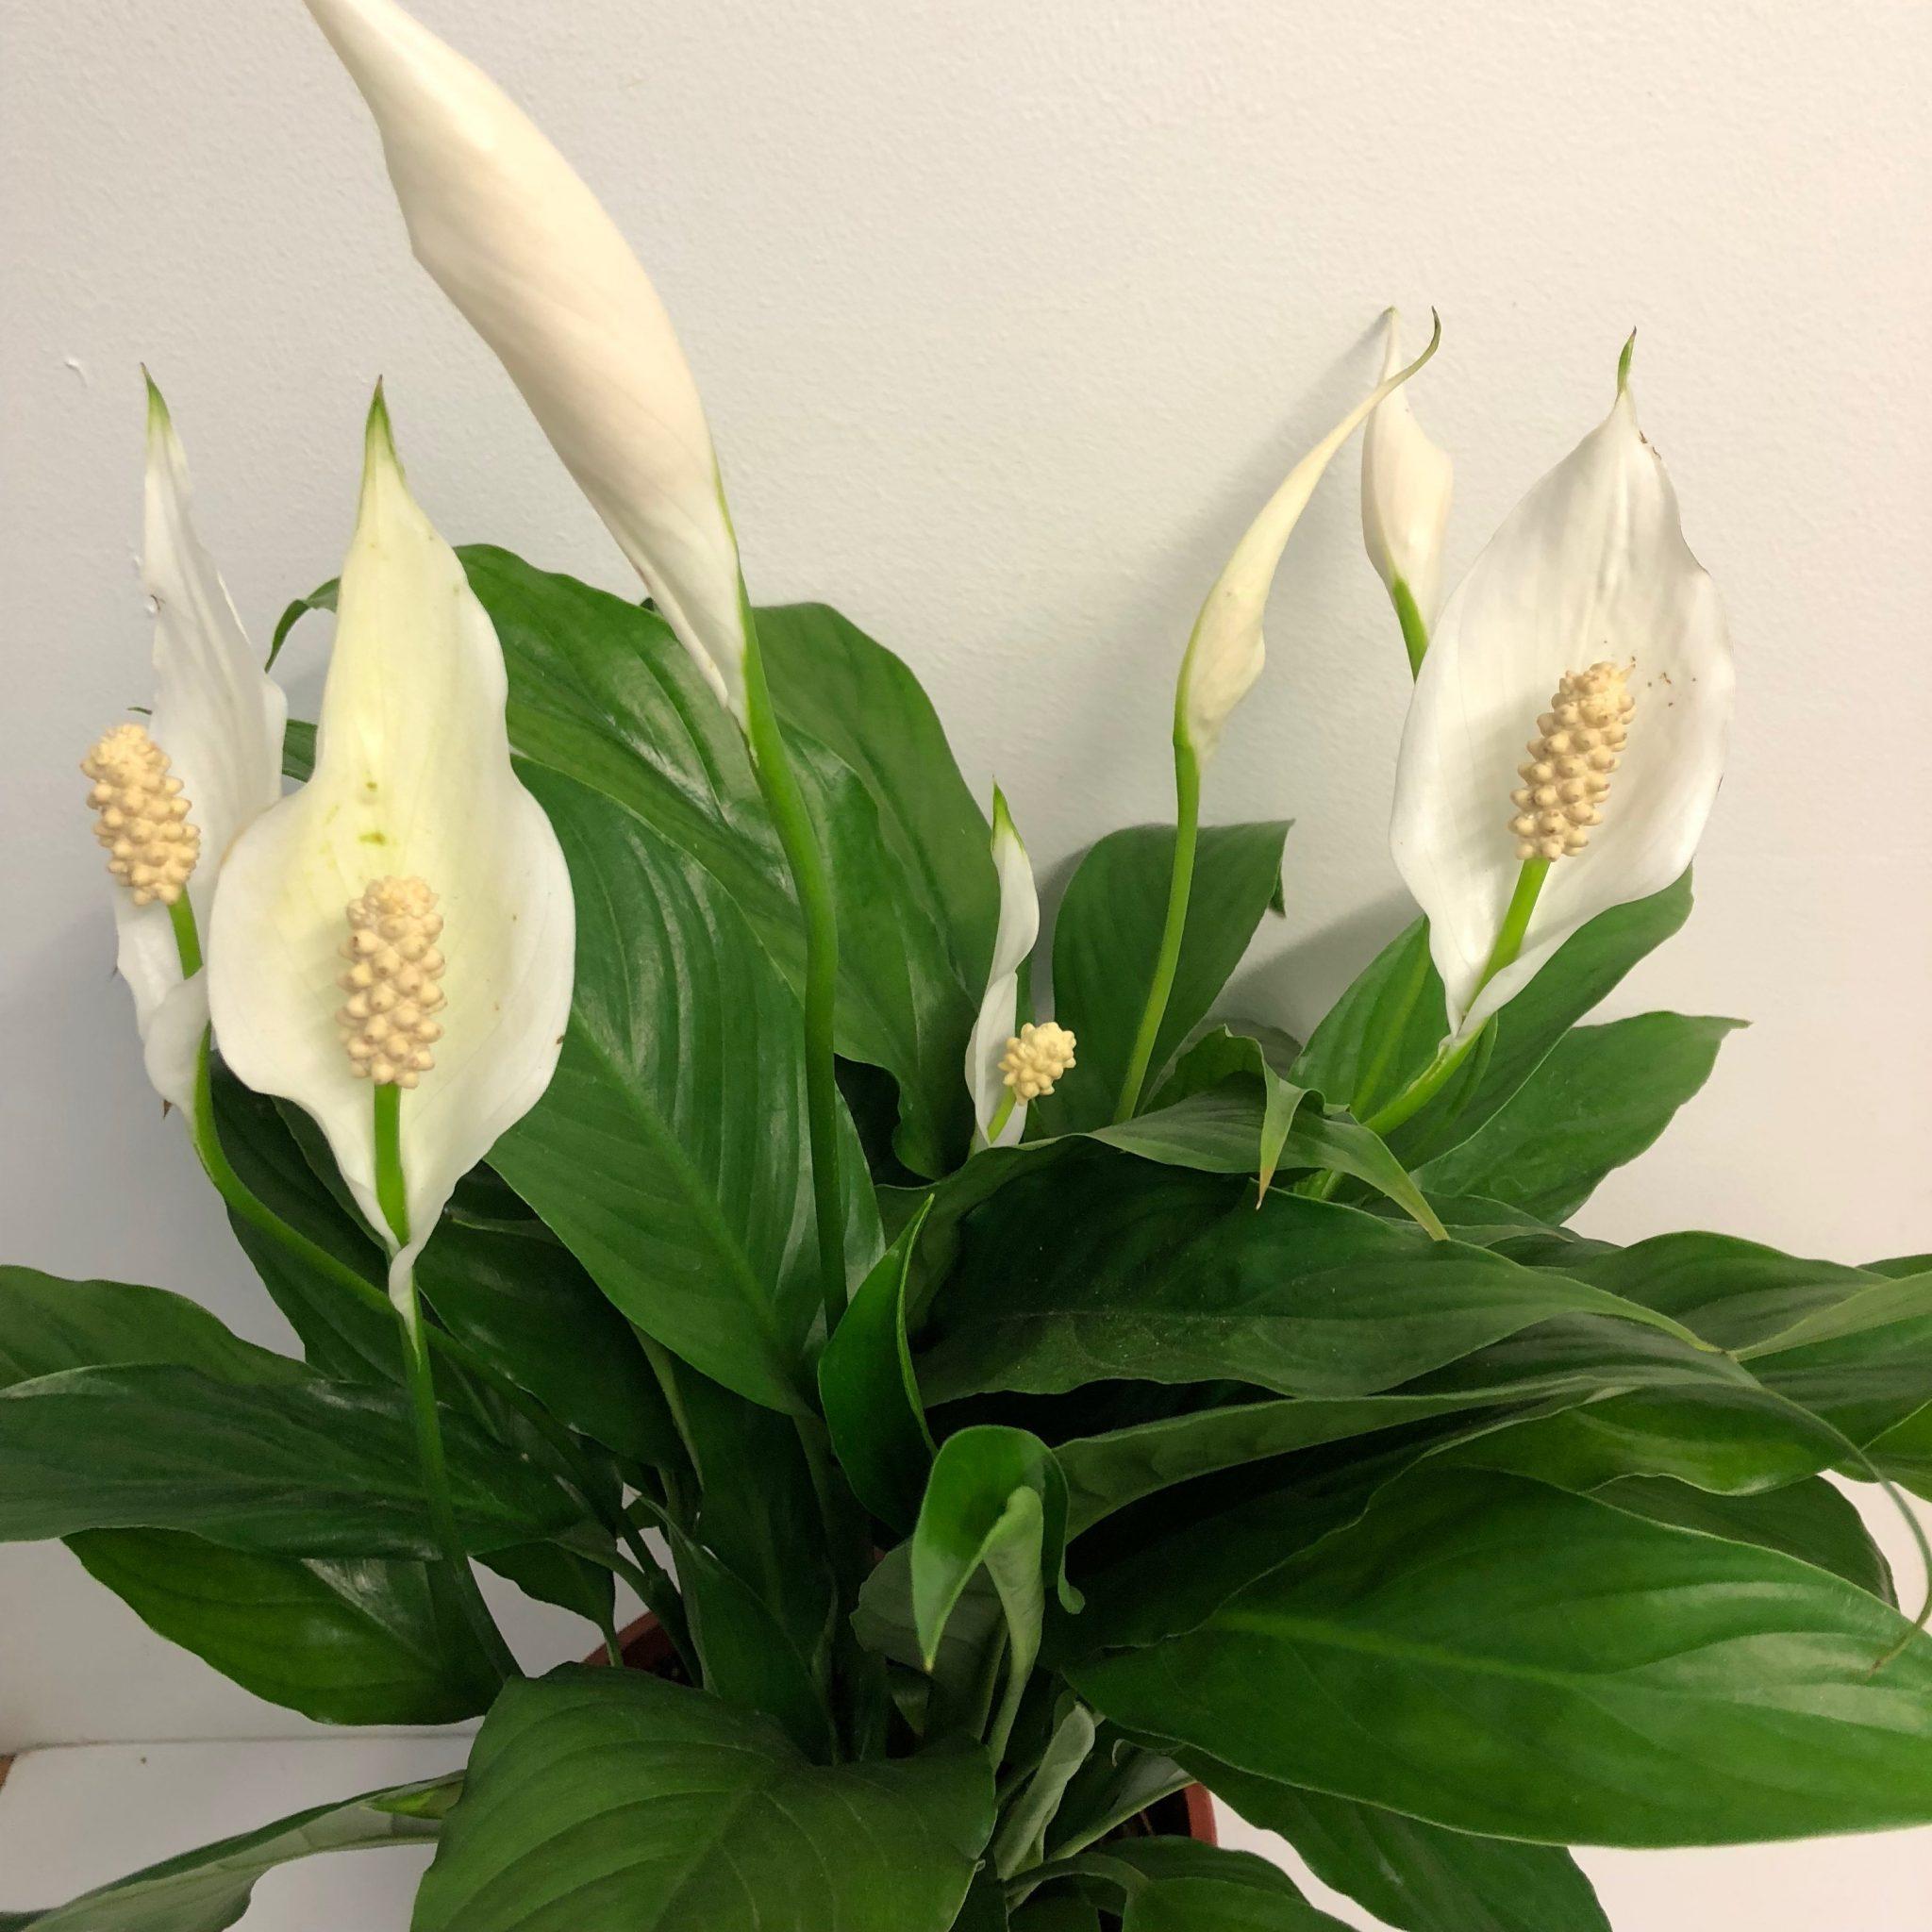 Цветок женское счастье или спатифиллум: что это за комнатное растение, как оно выглядит на фото, а также описание, уход за такой культурой в домашних условиях